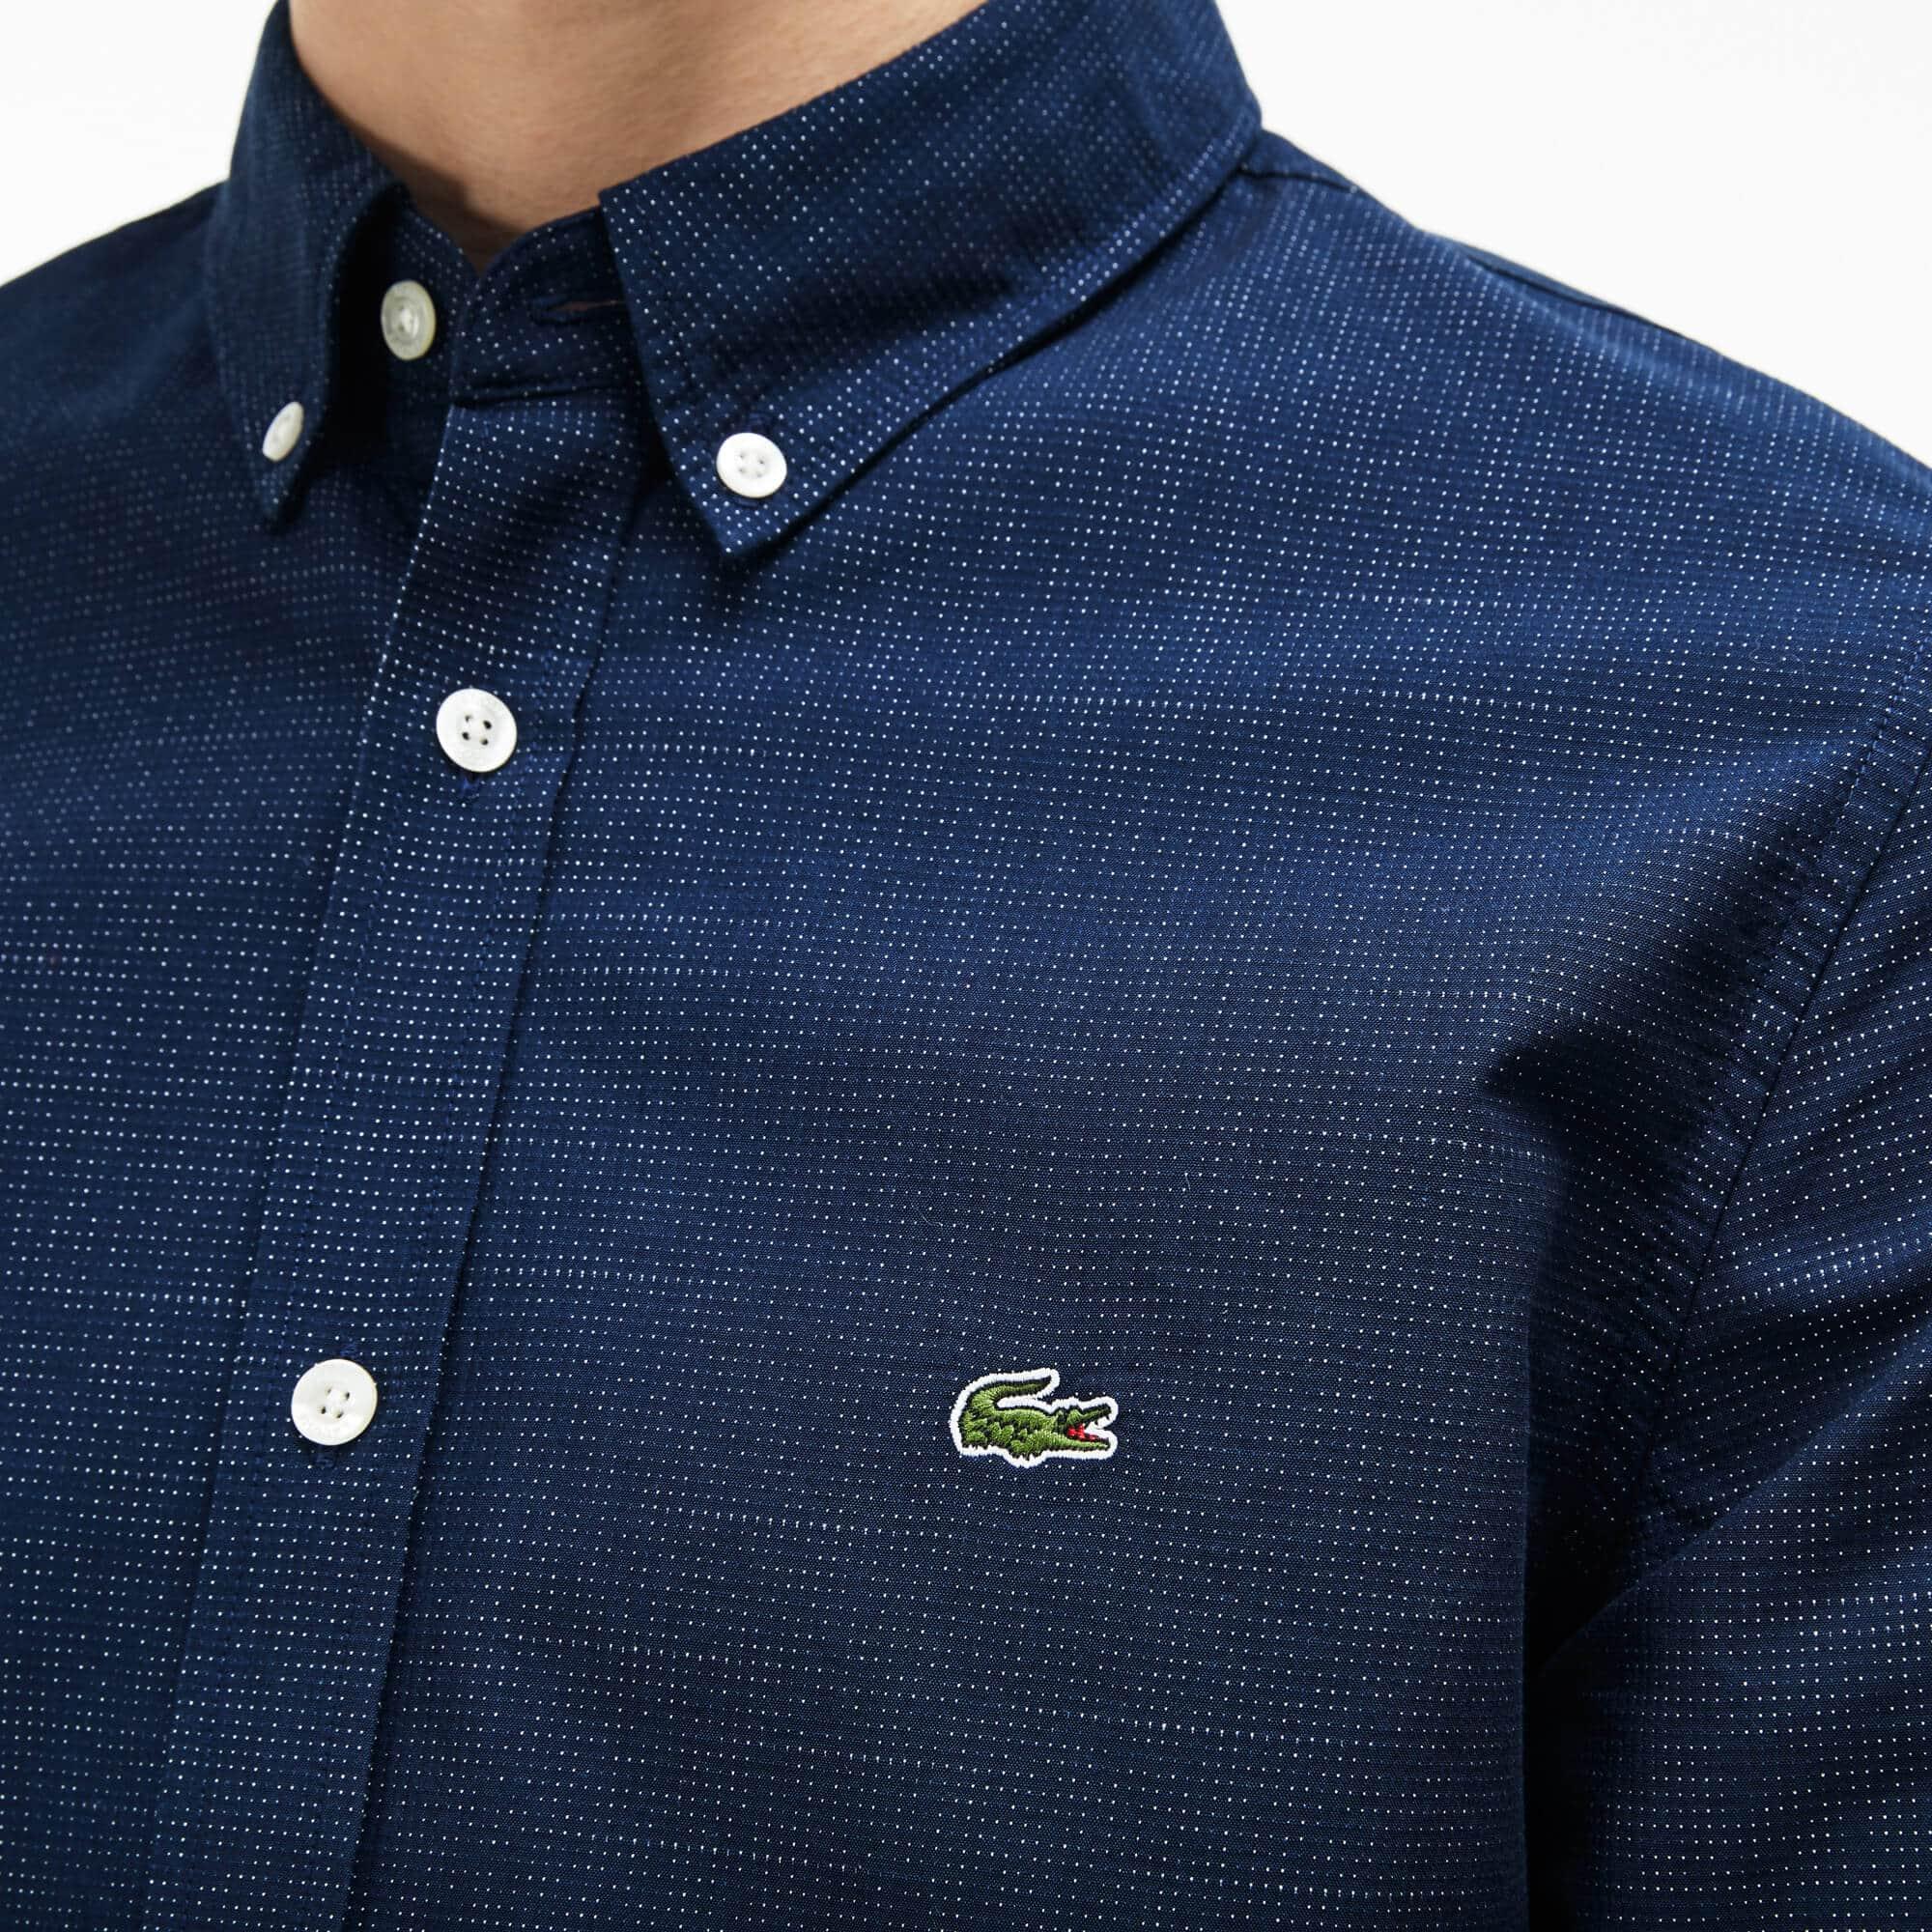 04dd4fad34d5e Camisa Slim Fit Masculina em Popeline Jacquard de Algodão com Estampa de  Bolinhas ...